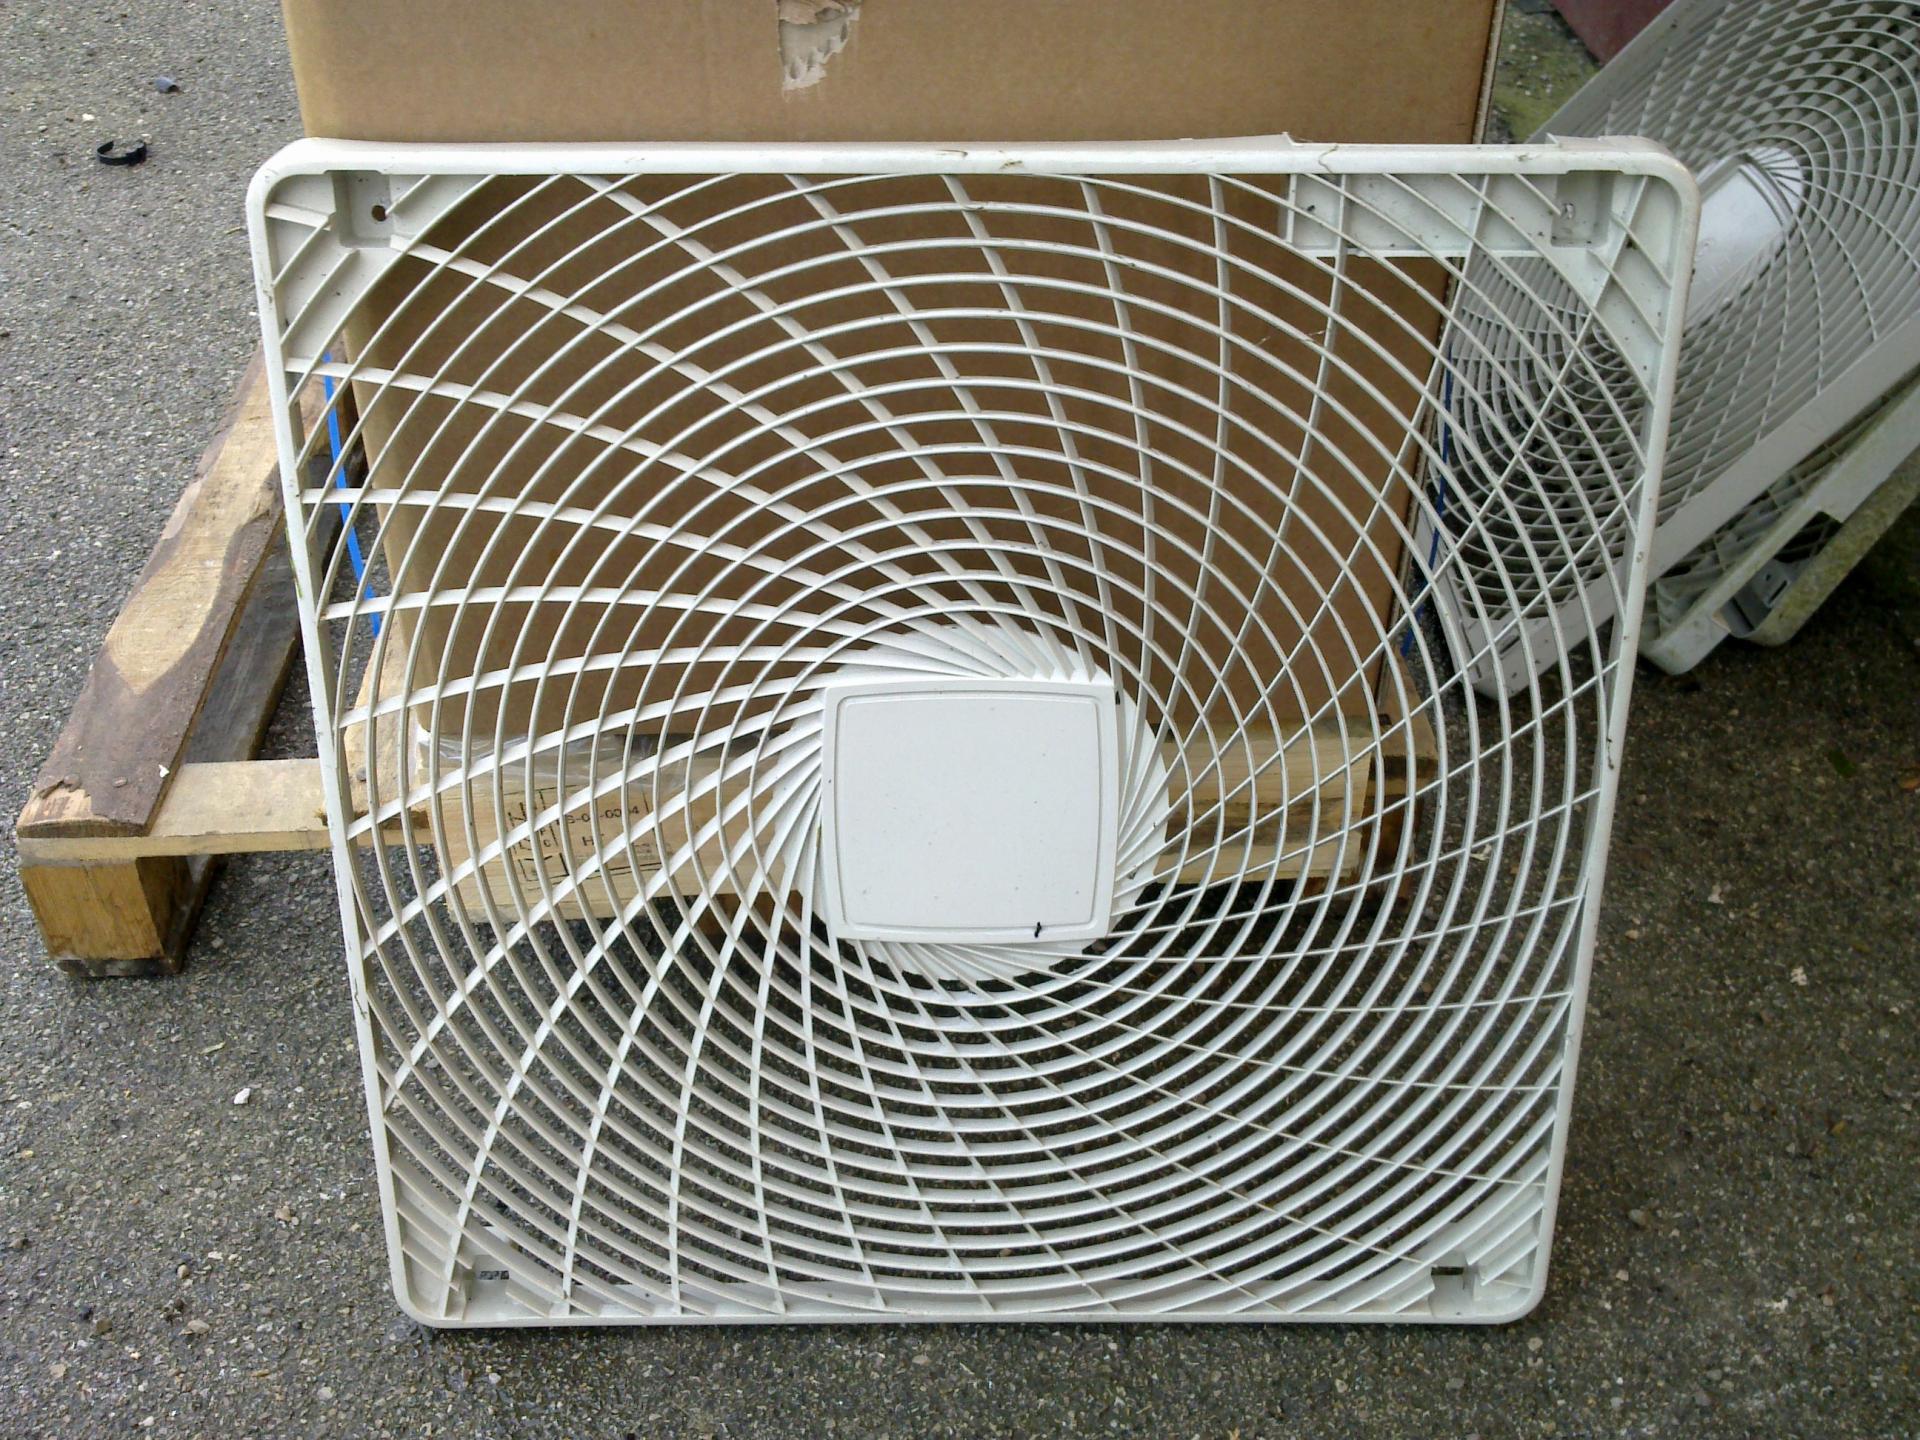 Daikin grille ventilateur pour groupe ext rieur rzq for Protection climatiseur exterieur